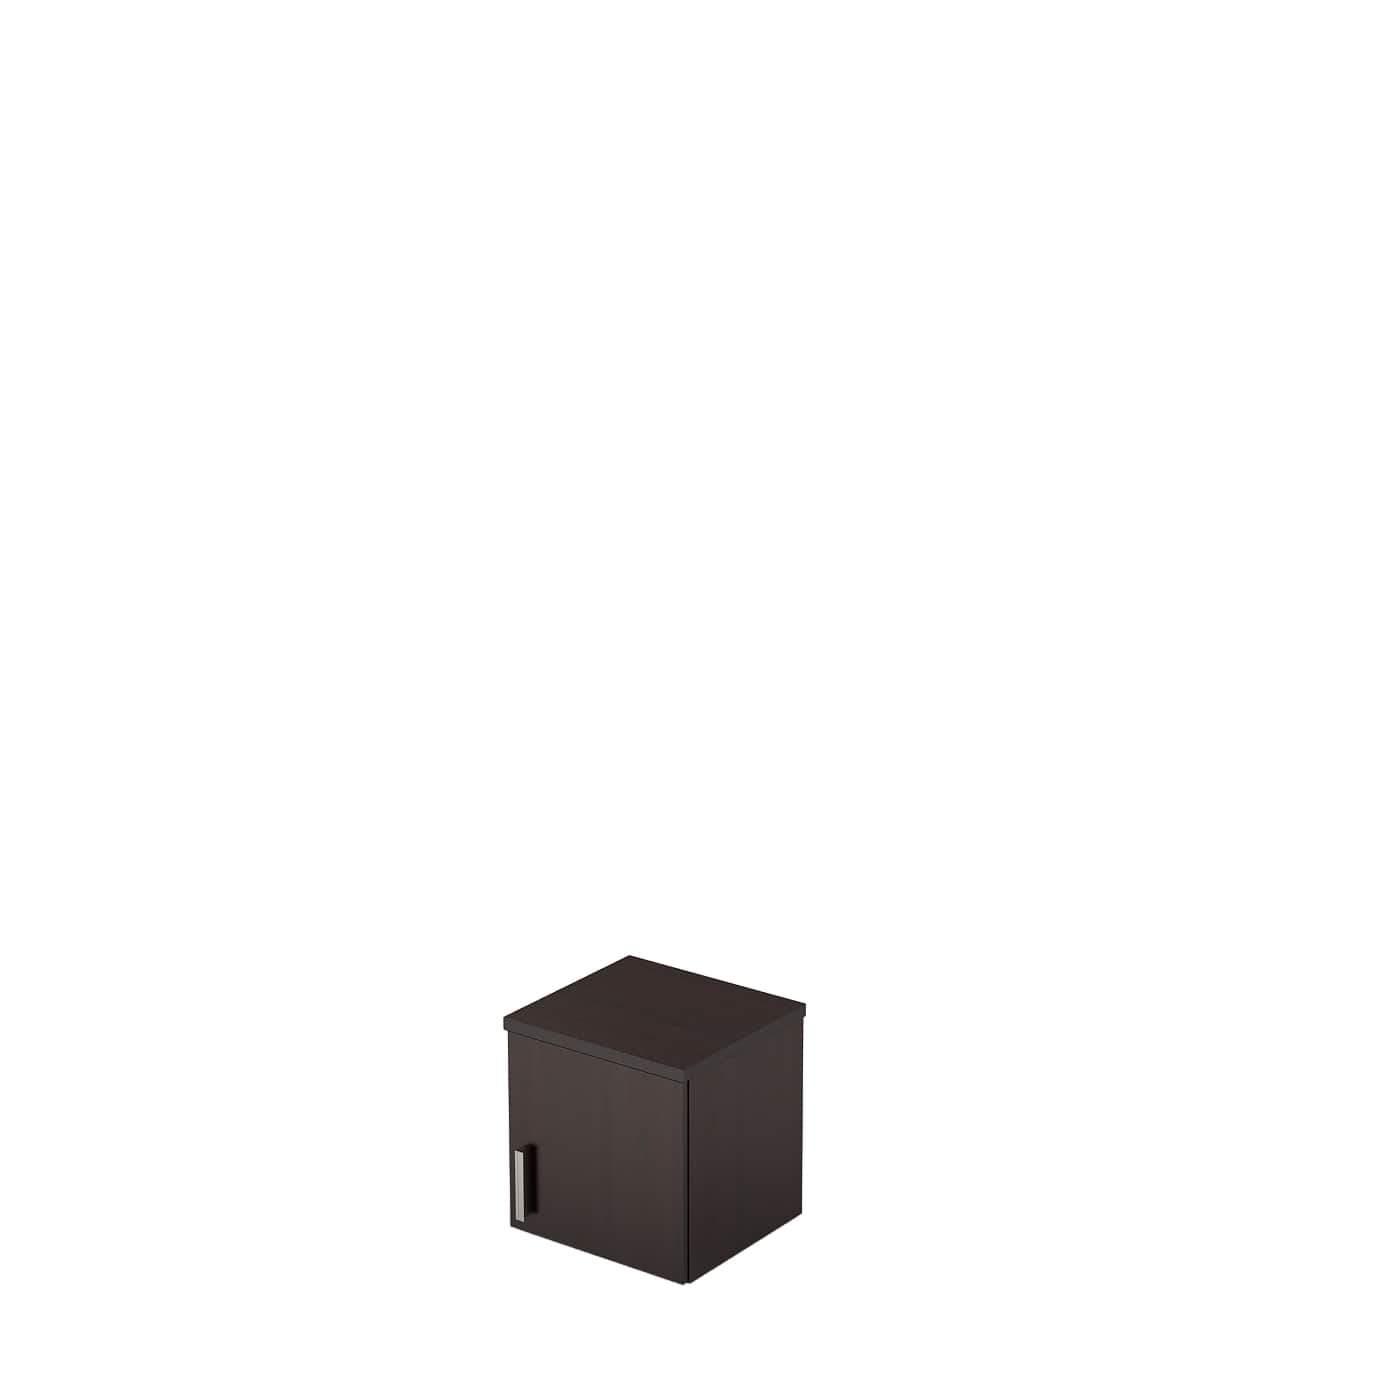 Антресоль с фасадом 395x370x422